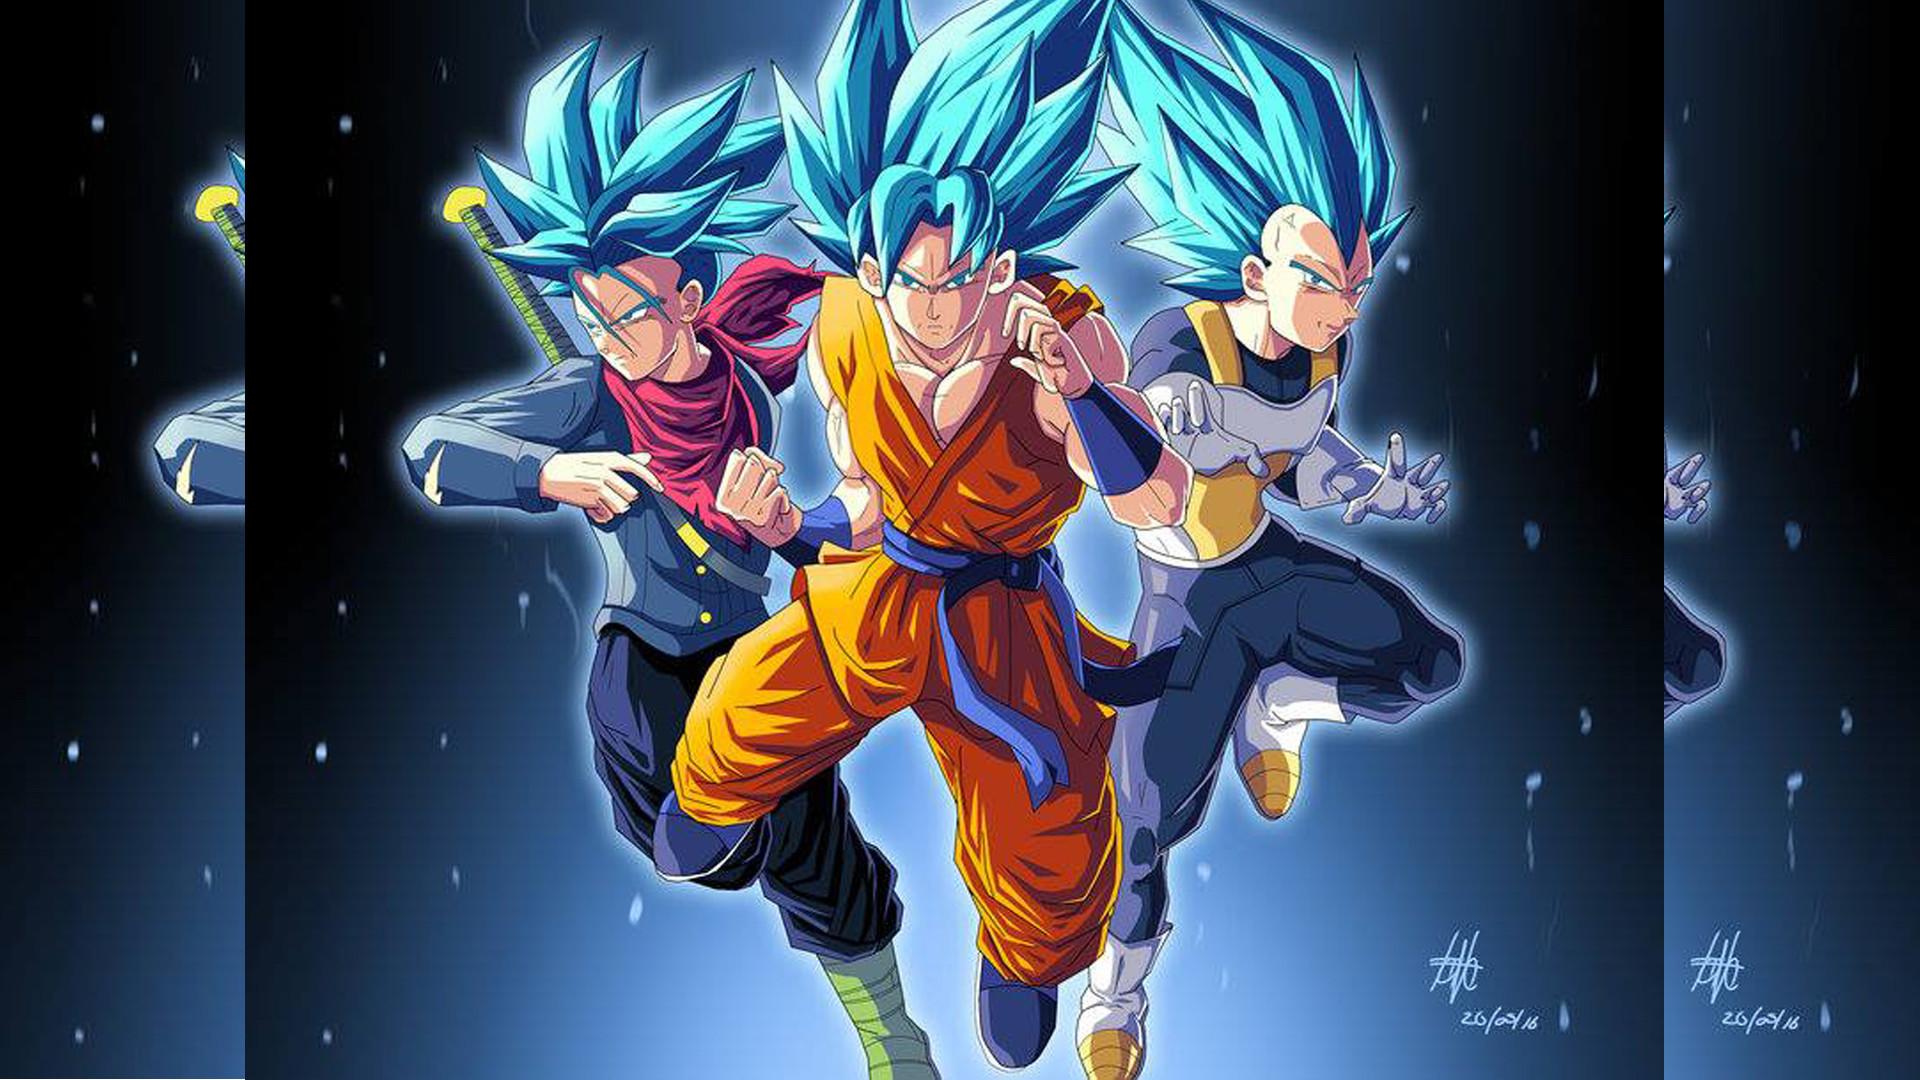 Dragon Ball Z Wallpaper 23 of 49 – Son Goku Childhood · Trunks, Goku and  Vegeta for Super Saiyan Wallpaper